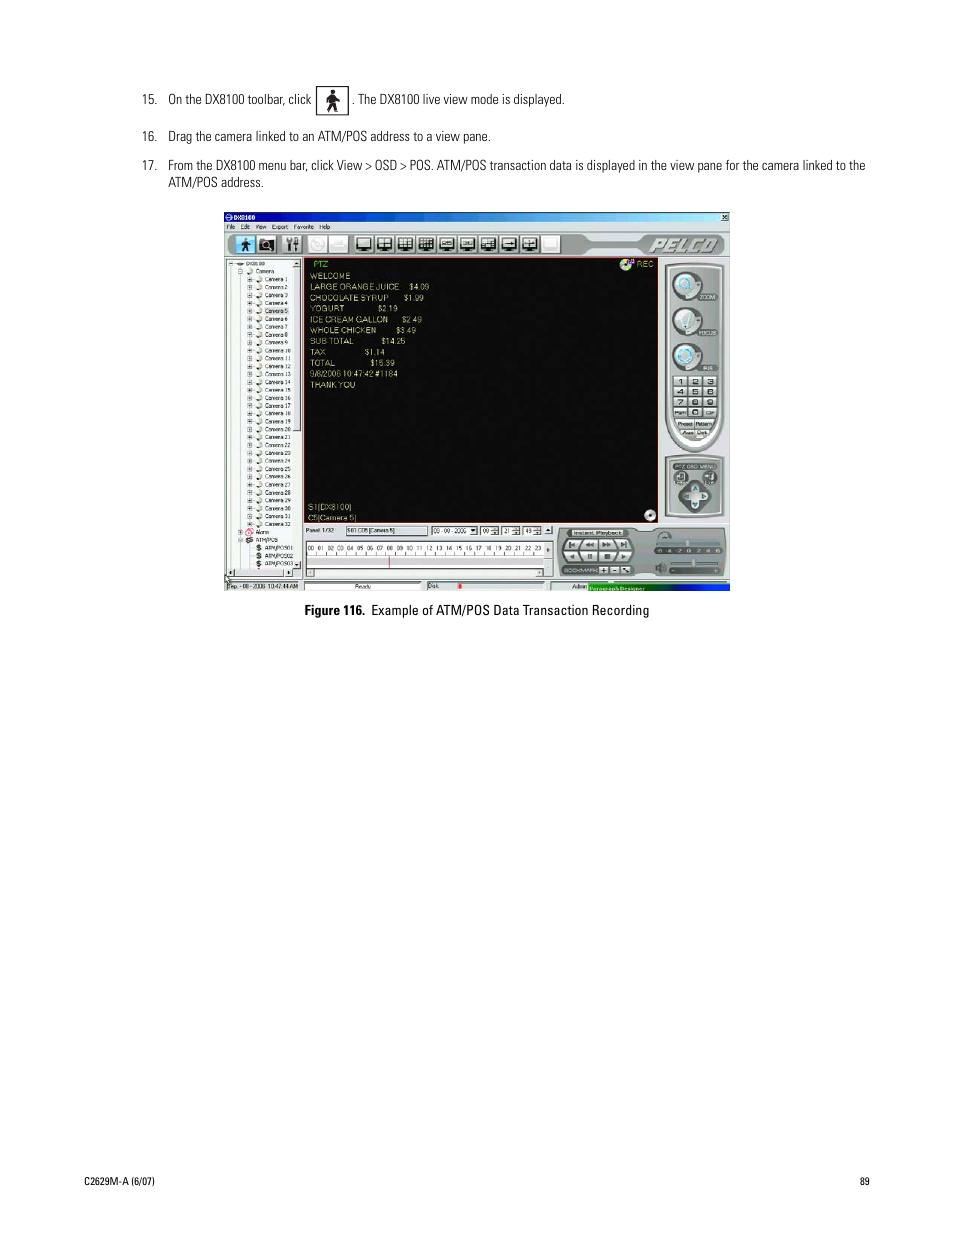 example of atm pos data transaction recording pelco dx8100 user rh manualsdir com pelco dx8100 user guide pelco dx8000 user manual